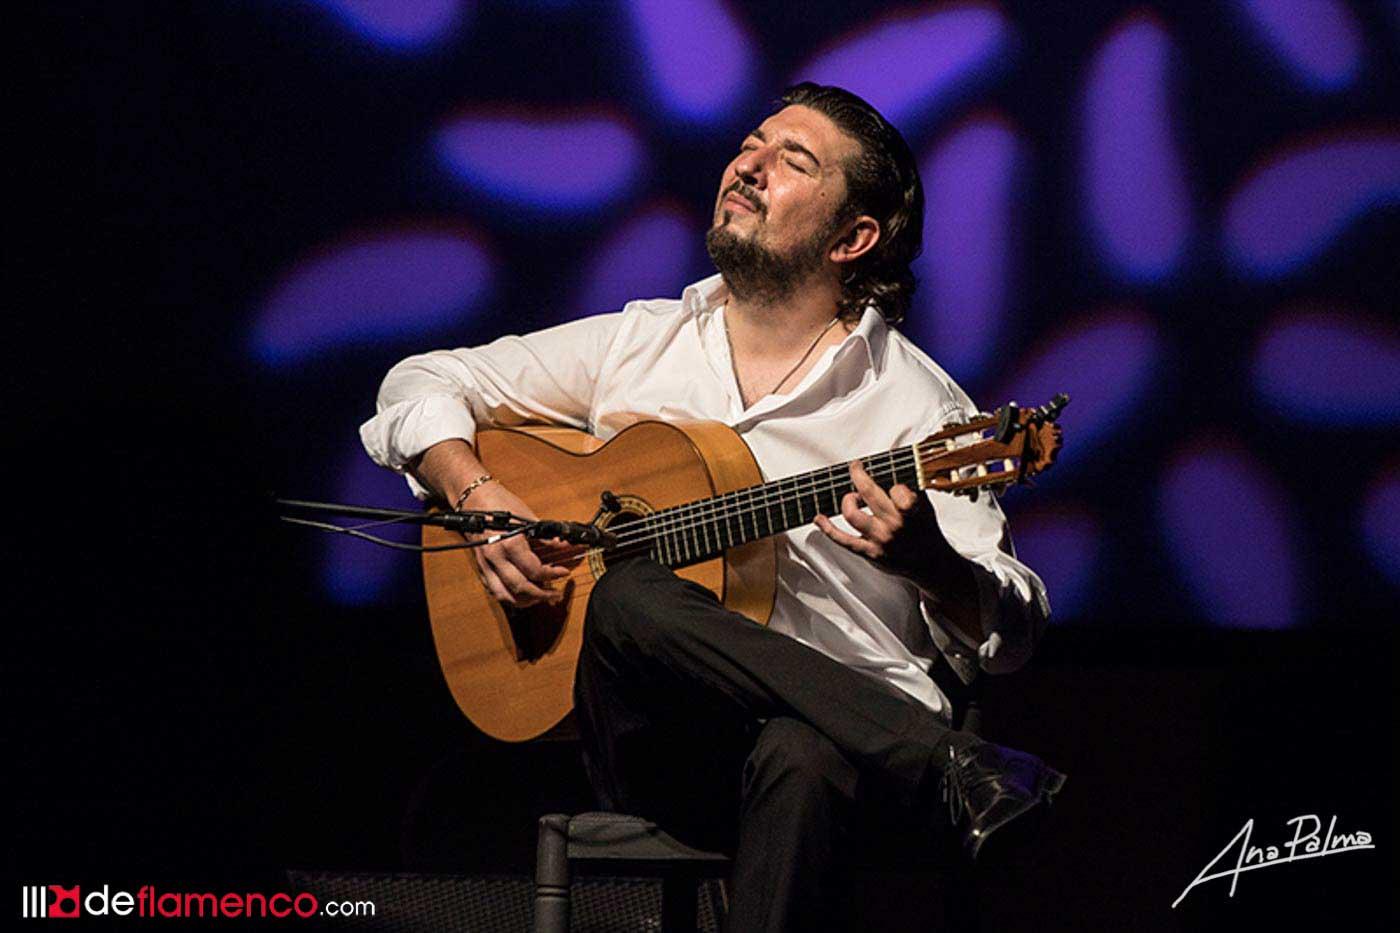 Antonio Rey, el placer del toque